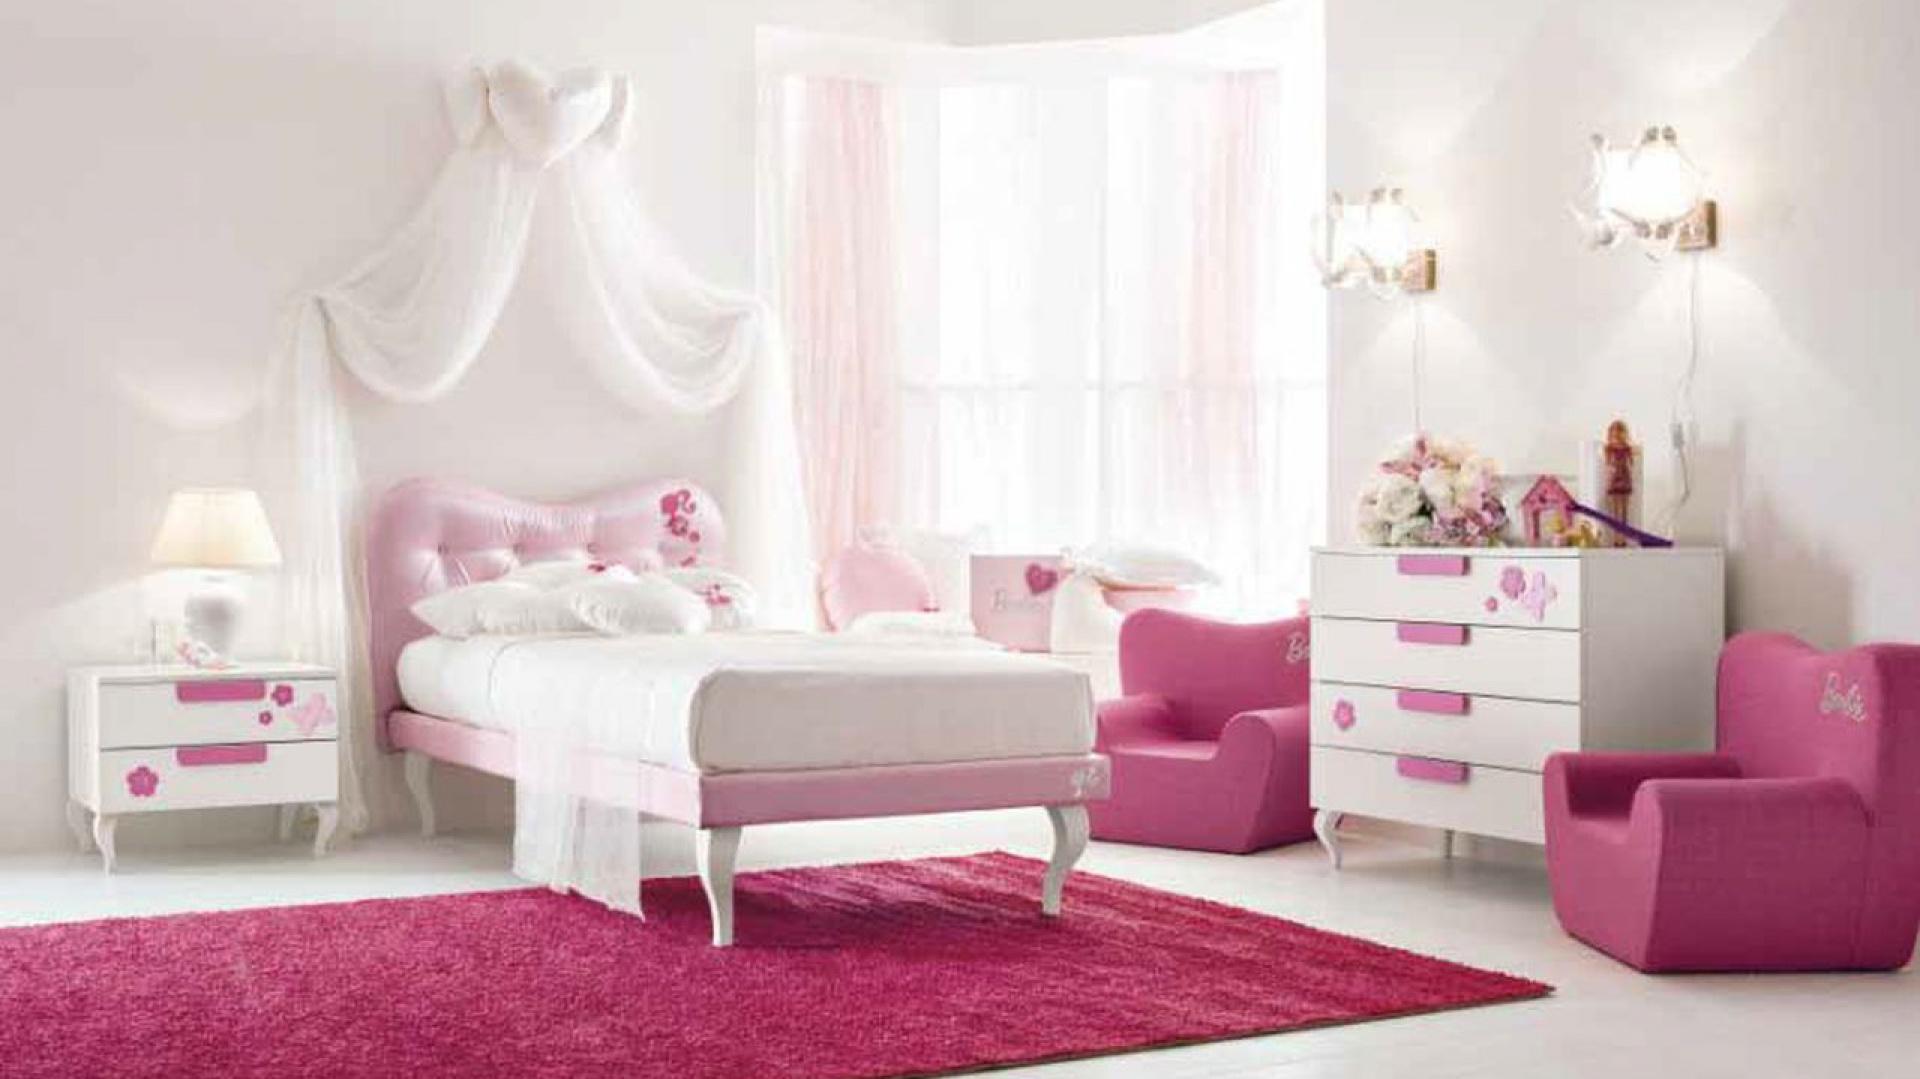 i cie ksi ca aran acja pok j dla dziewczynki postaw na r strona 8. Black Bedroom Furniture Sets. Home Design Ideas